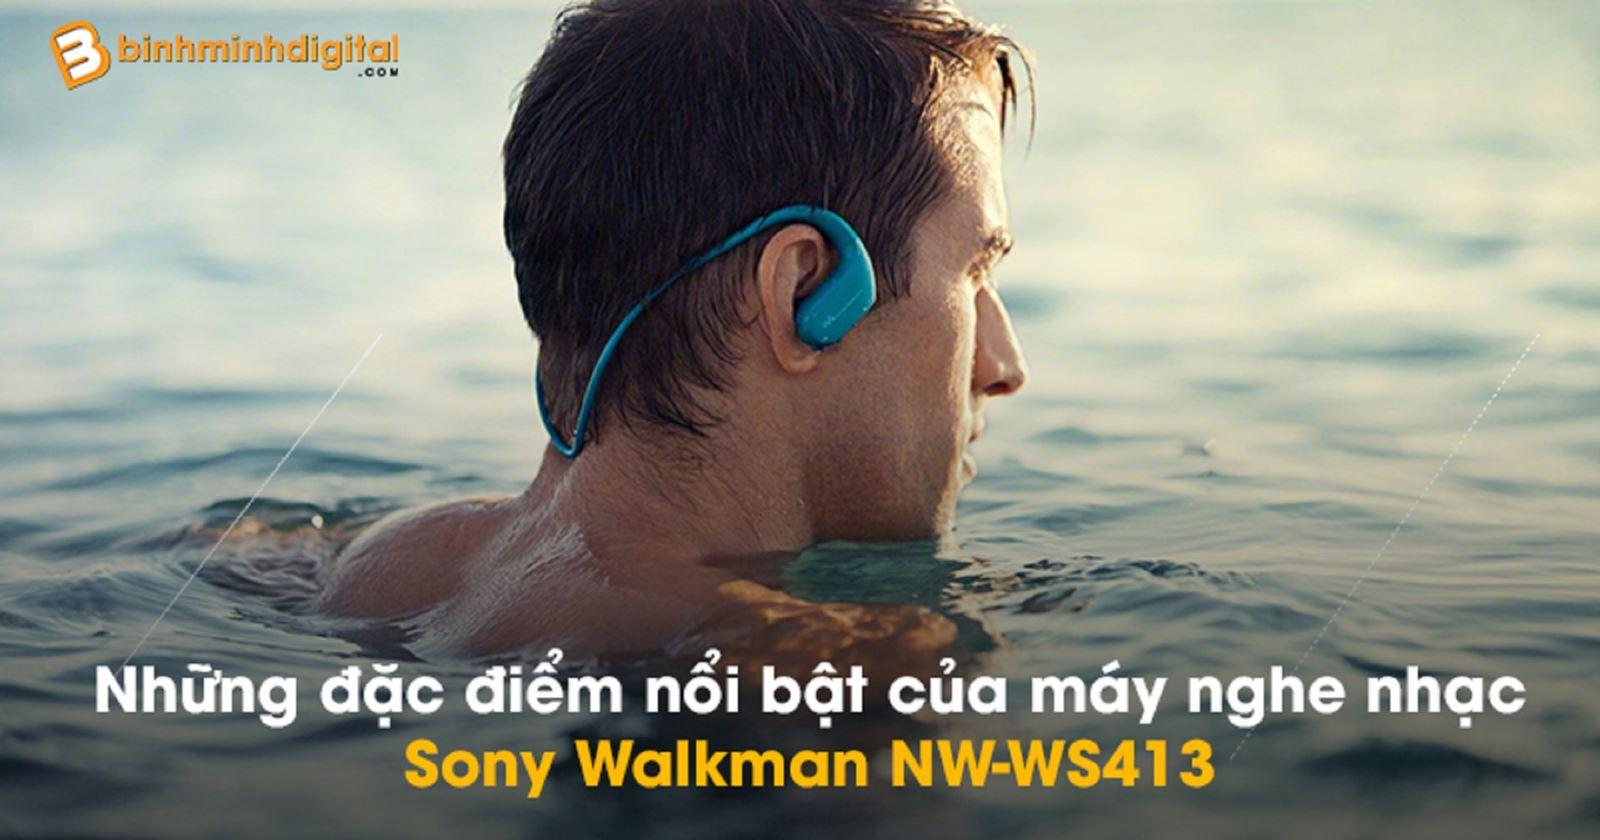 Những đặc điểm nổi bật của máy nghe nhạc Sony Walkman NW-WS413